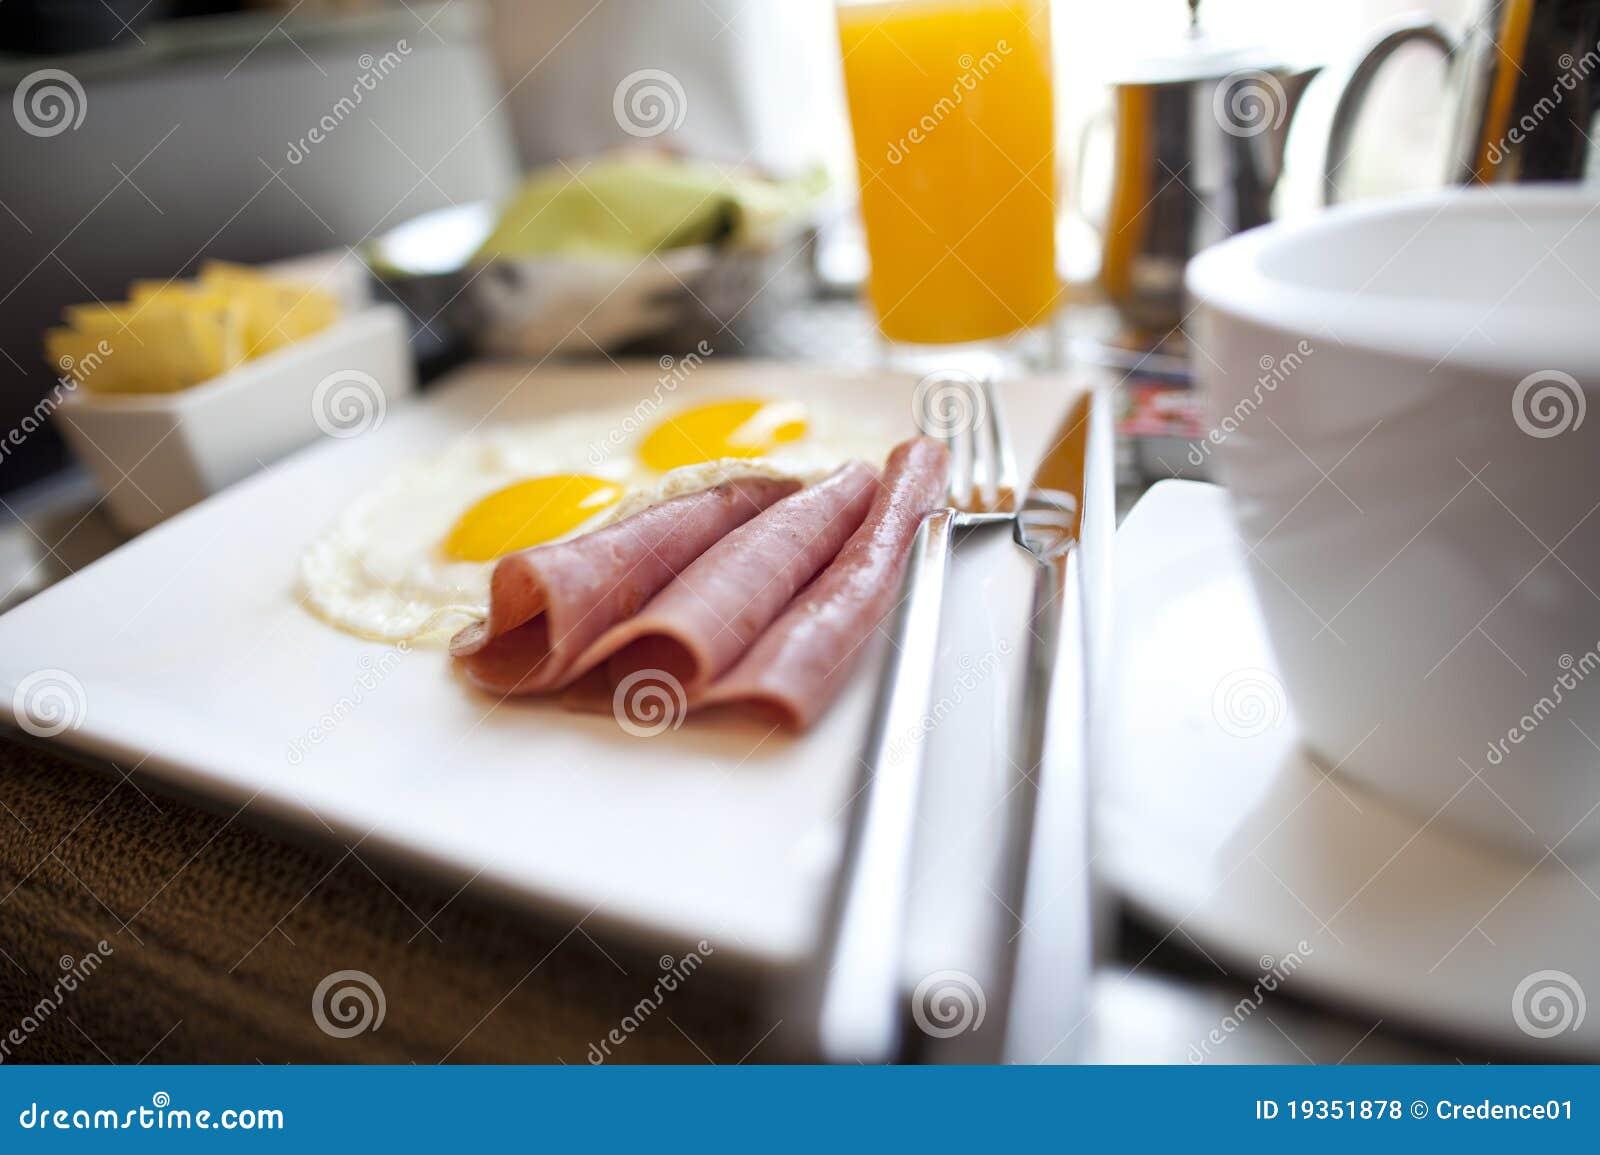 Placa do pequeno almoço